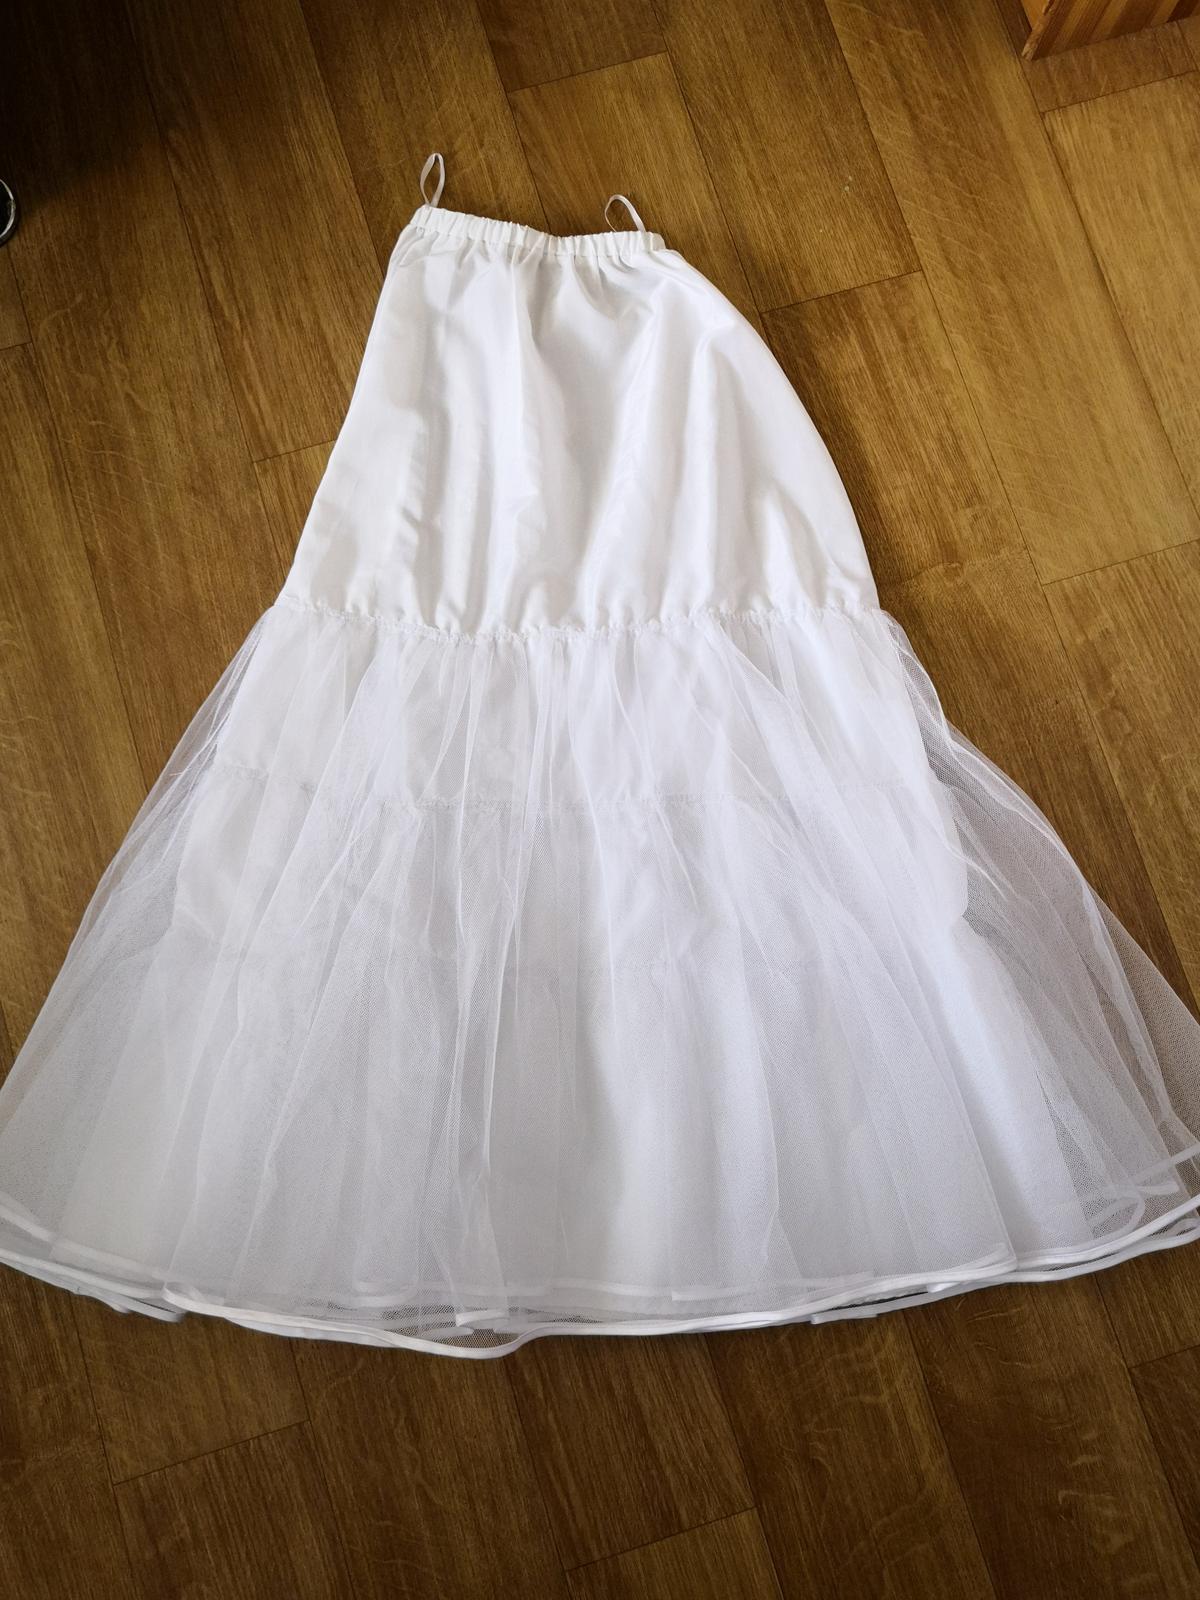 REZERVACE Svatební šaty - krajka, perličkY - Obrázek č. 2